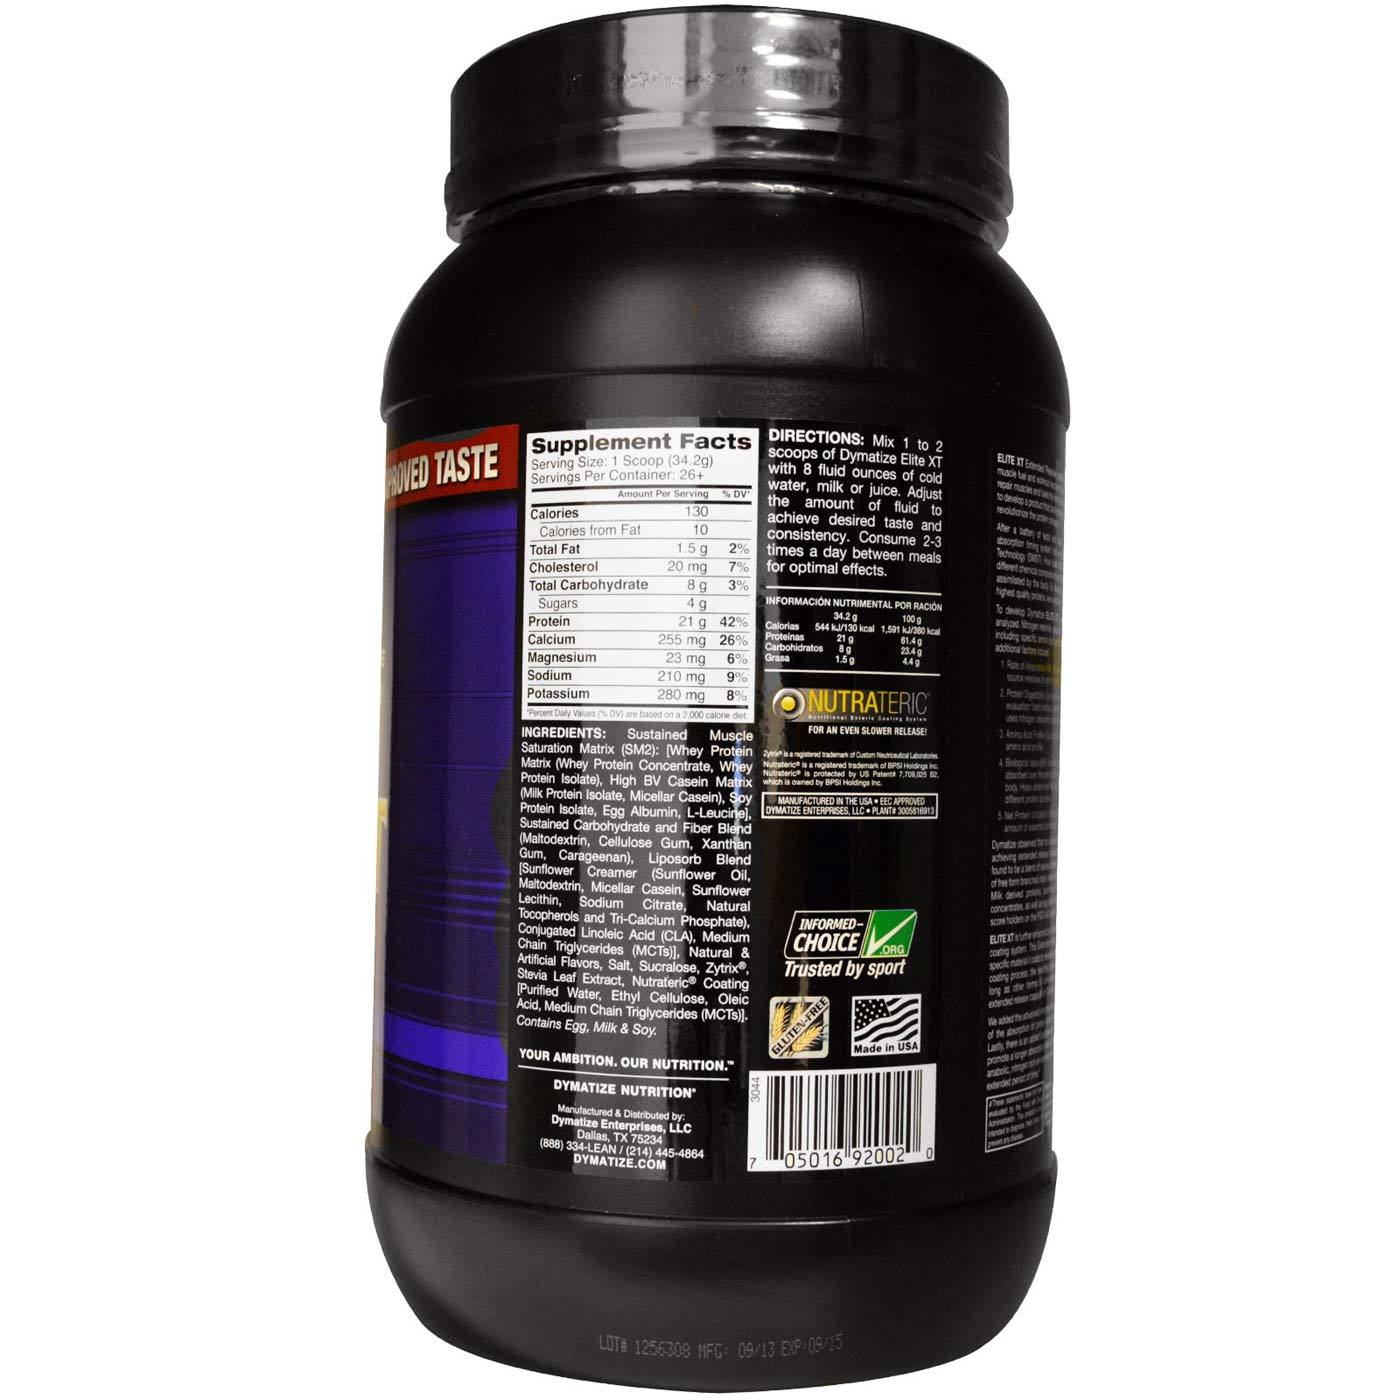 Использование Протеинов Для Похудения. Как пить протеин для похудения и какой лучше выбрать девушкам или мужчинам